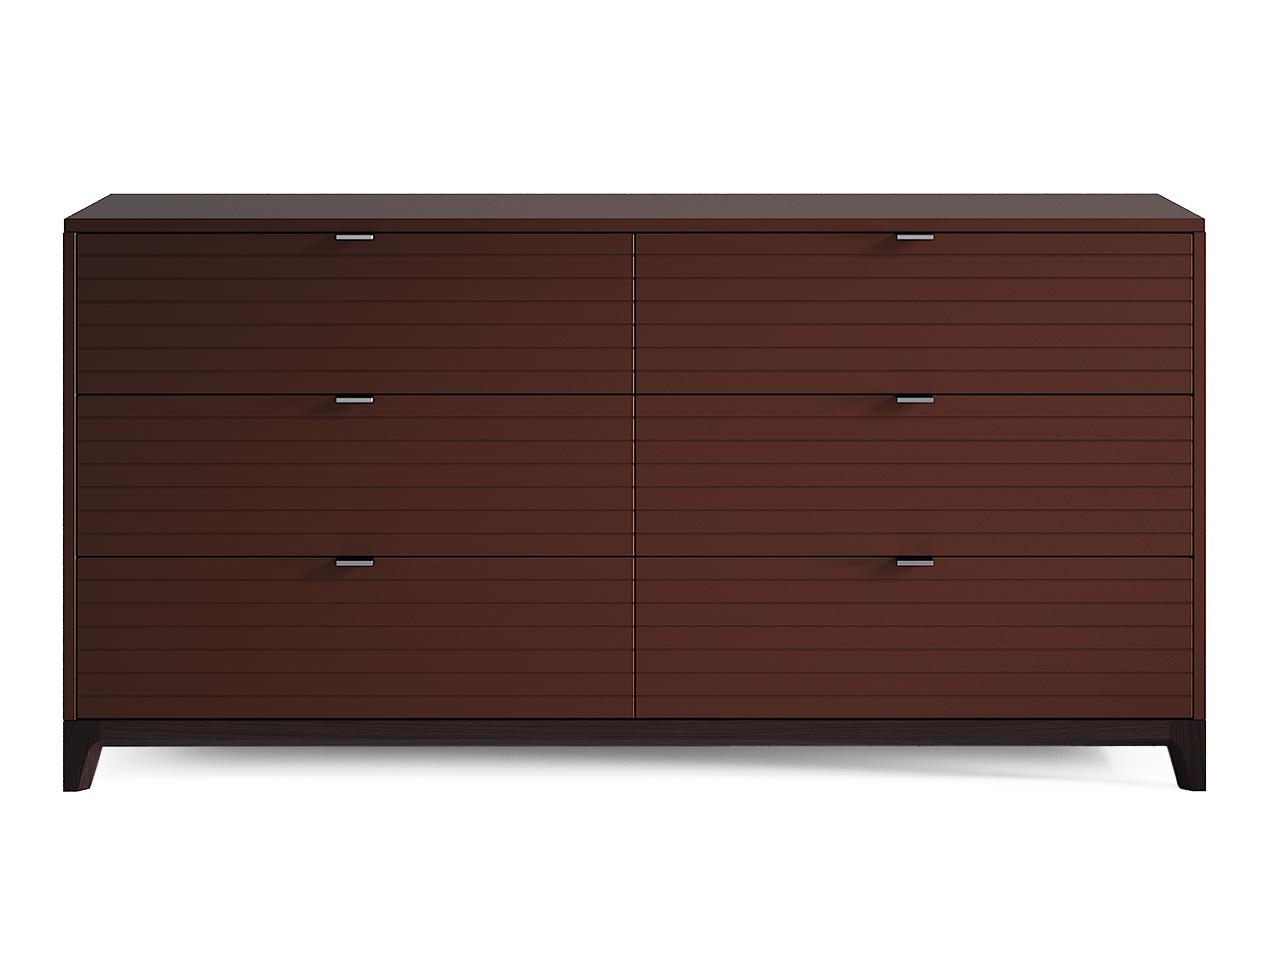 Комод Case №3Бельевые комоды<br>Комод CASE #3 с шестью выдвижными ящиками отлично подойдет для организации хранения вещей в спальне, но также может быть использован в гостиной и других помещениях. У комода увеличенная глубина 450 мм, дно ящиков выполнено из ДСП 16 мм, обладающего высоким запасом прочности.&amp;lt;div&amp;gt;&amp;lt;br&amp;gt;&amp;lt;/div&amp;gt;&amp;lt;div&amp;gt;&amp;lt;div&amp;gt;Цвет: МДФ, дуб венге, шоколад, фрезеровка 6.&amp;lt;/div&amp;gt;&amp;lt;div&amp;gt;Материал: Массив дуба, МДФ, ДСП, эмаль, лак.&amp;lt;/div&amp;gt;&amp;lt;/div&amp;gt;<br><br>Material: Дуб<br>Ширина см: 160<br>Высота см: 80<br>Глубина см: 45